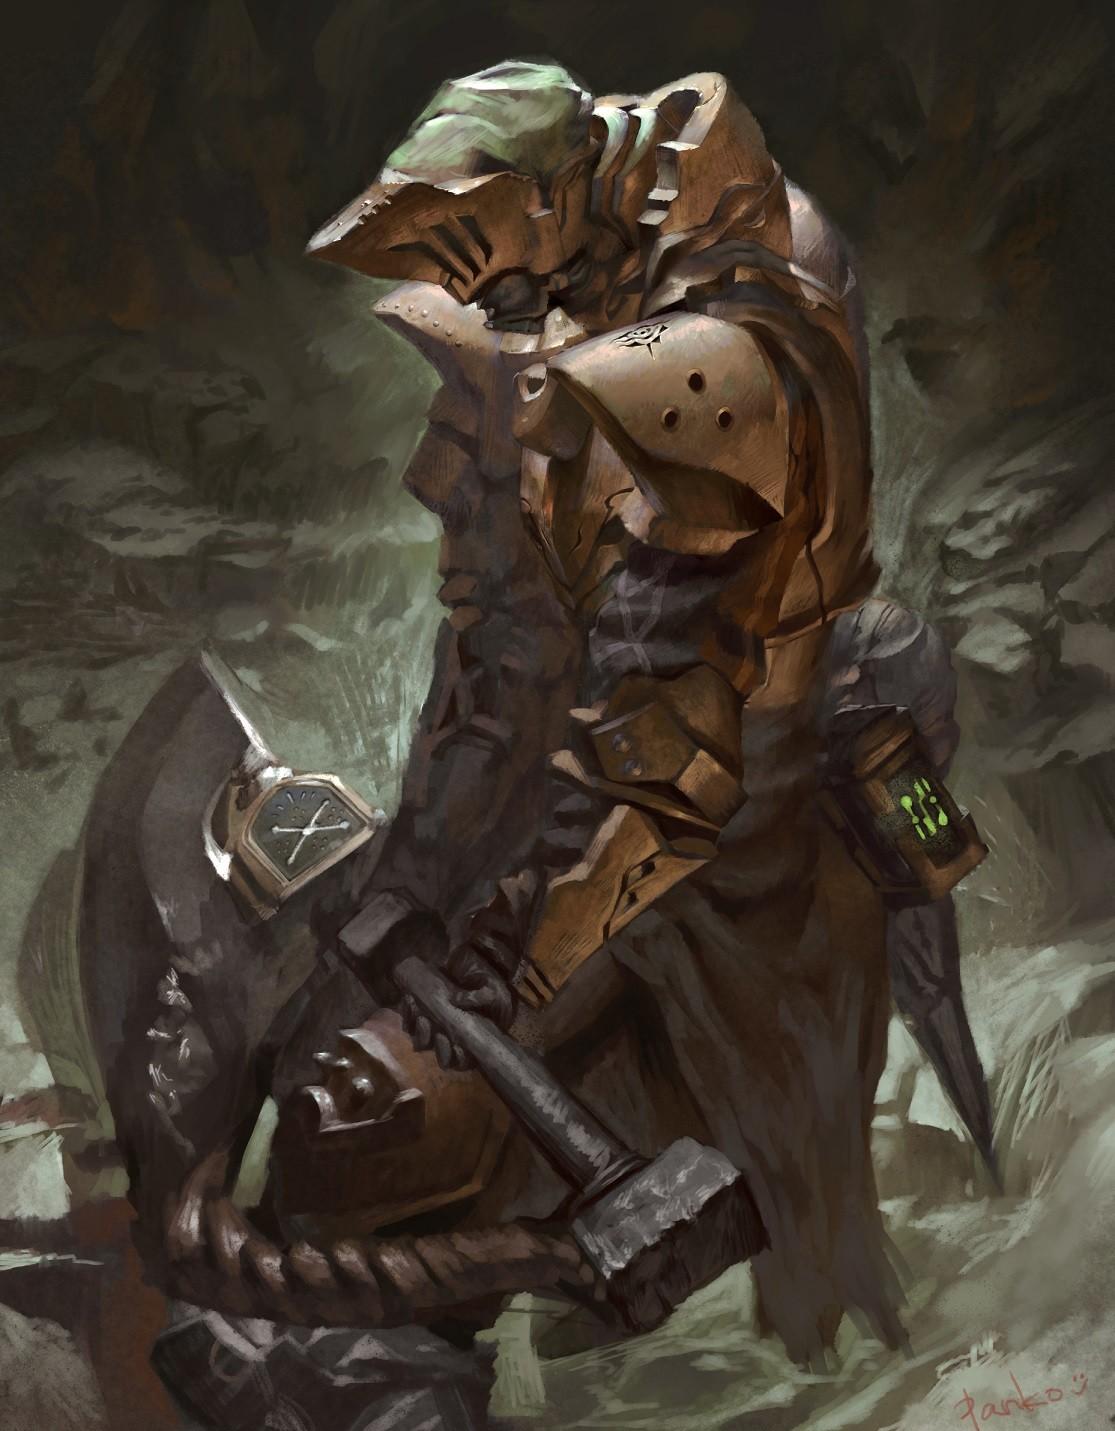 Artstation Monster Hunter World Concept Art Panko